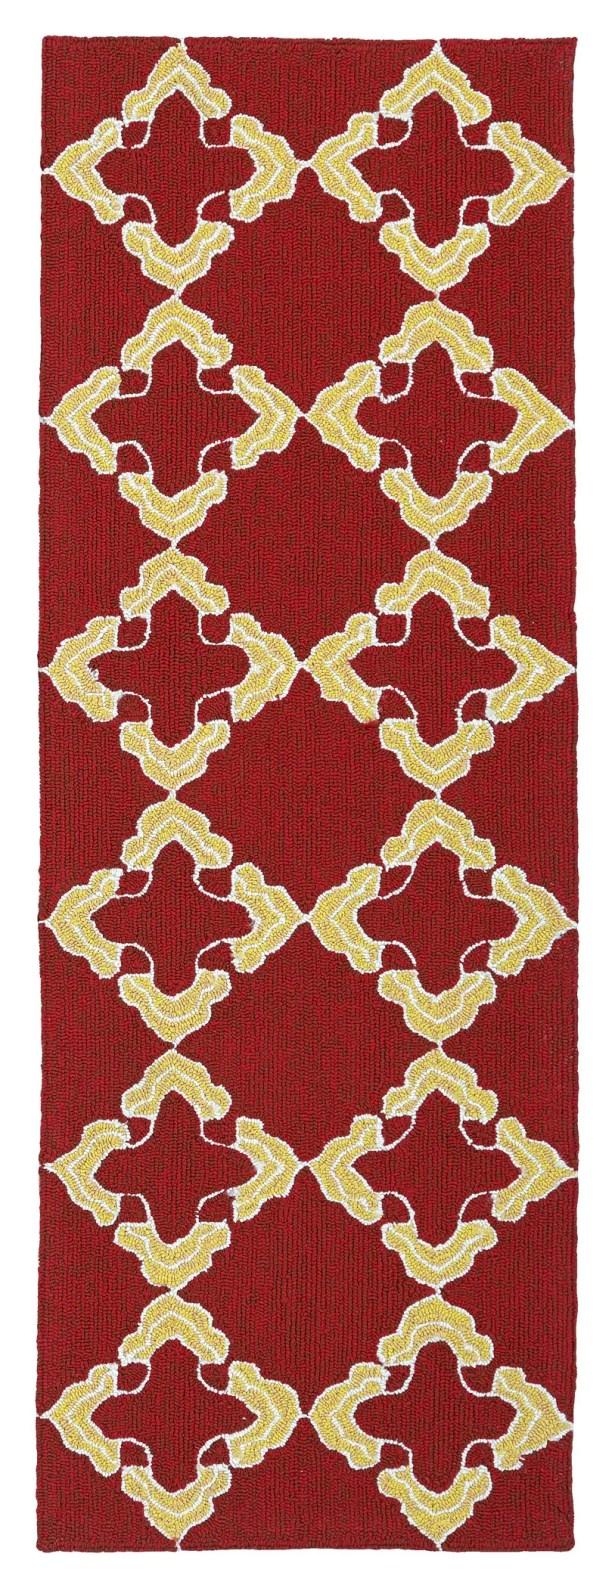 Cowan Red/Yellow Indoor/Outdoor Area Rug Rug Size: Runner 2' x 6'